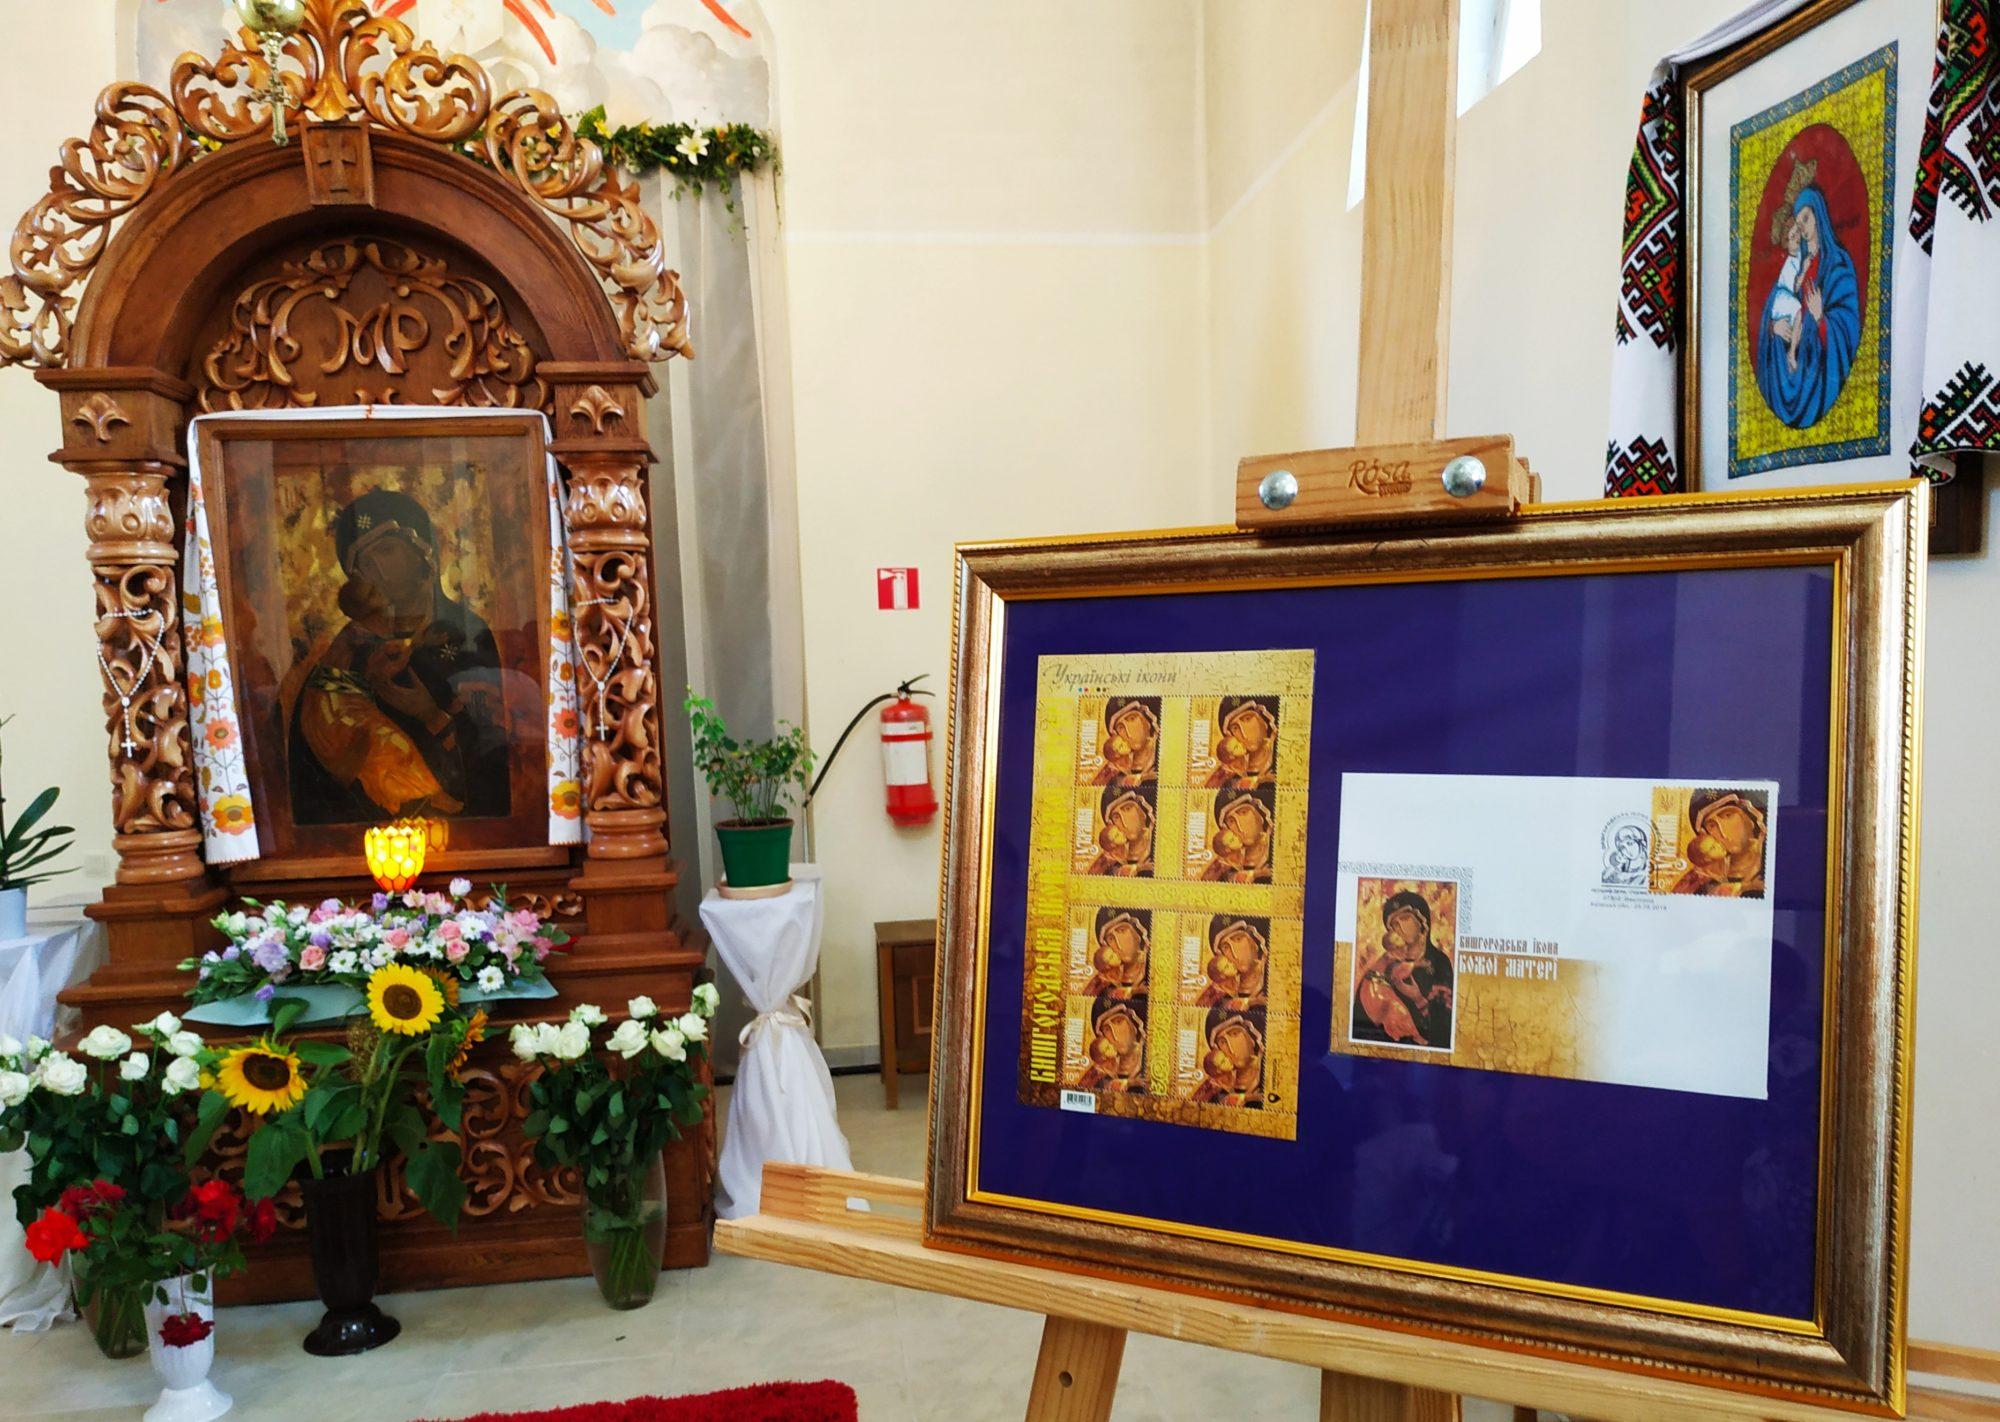 Нині триває спецпогашення поштової марки «Вишгородська ікона Божої Матері» - Укрпошта, Презентація, поштова марка, київщина, Вишгород - 0828 Marka ikona 2000x1422